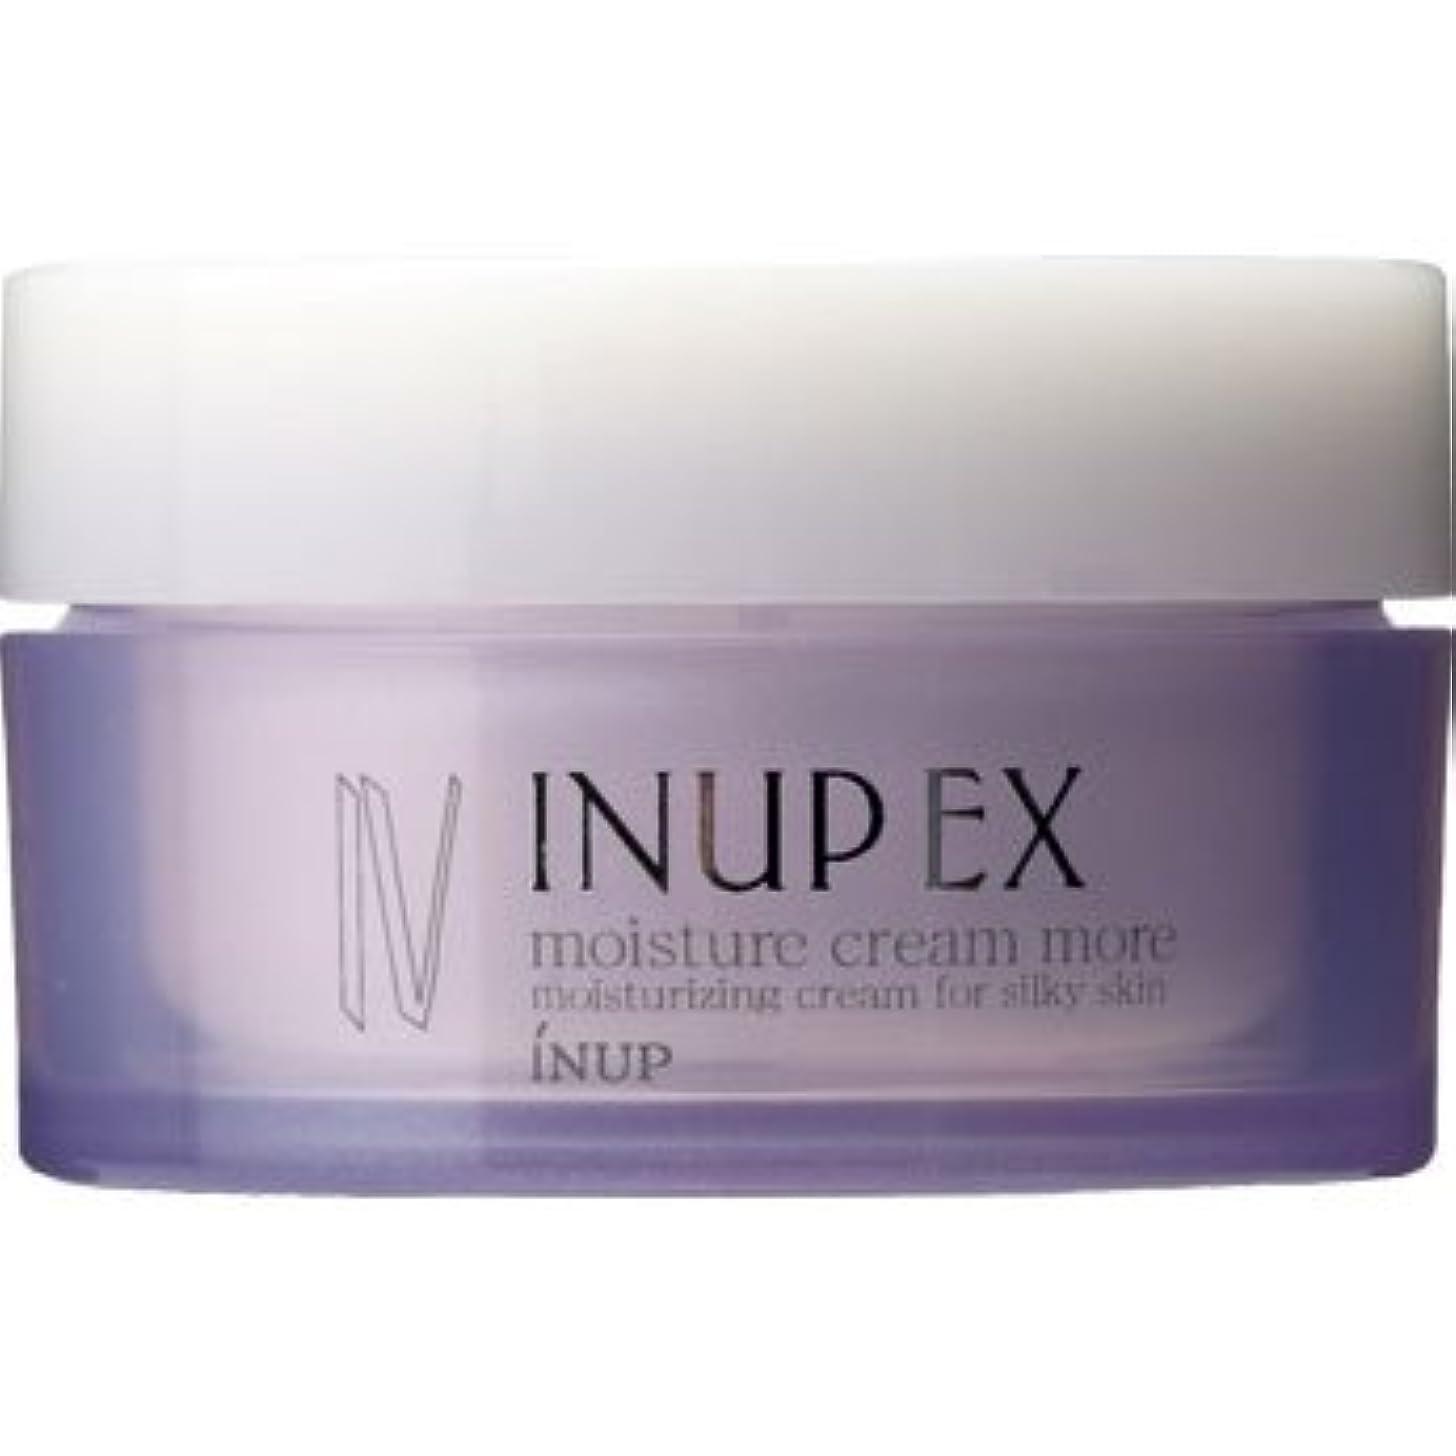 窒素静的ドライインナップEX 保湿クリーム (潤い効果アップ) モイスチャークリーム MD (スパチュラ付)[弱酸性] 30g